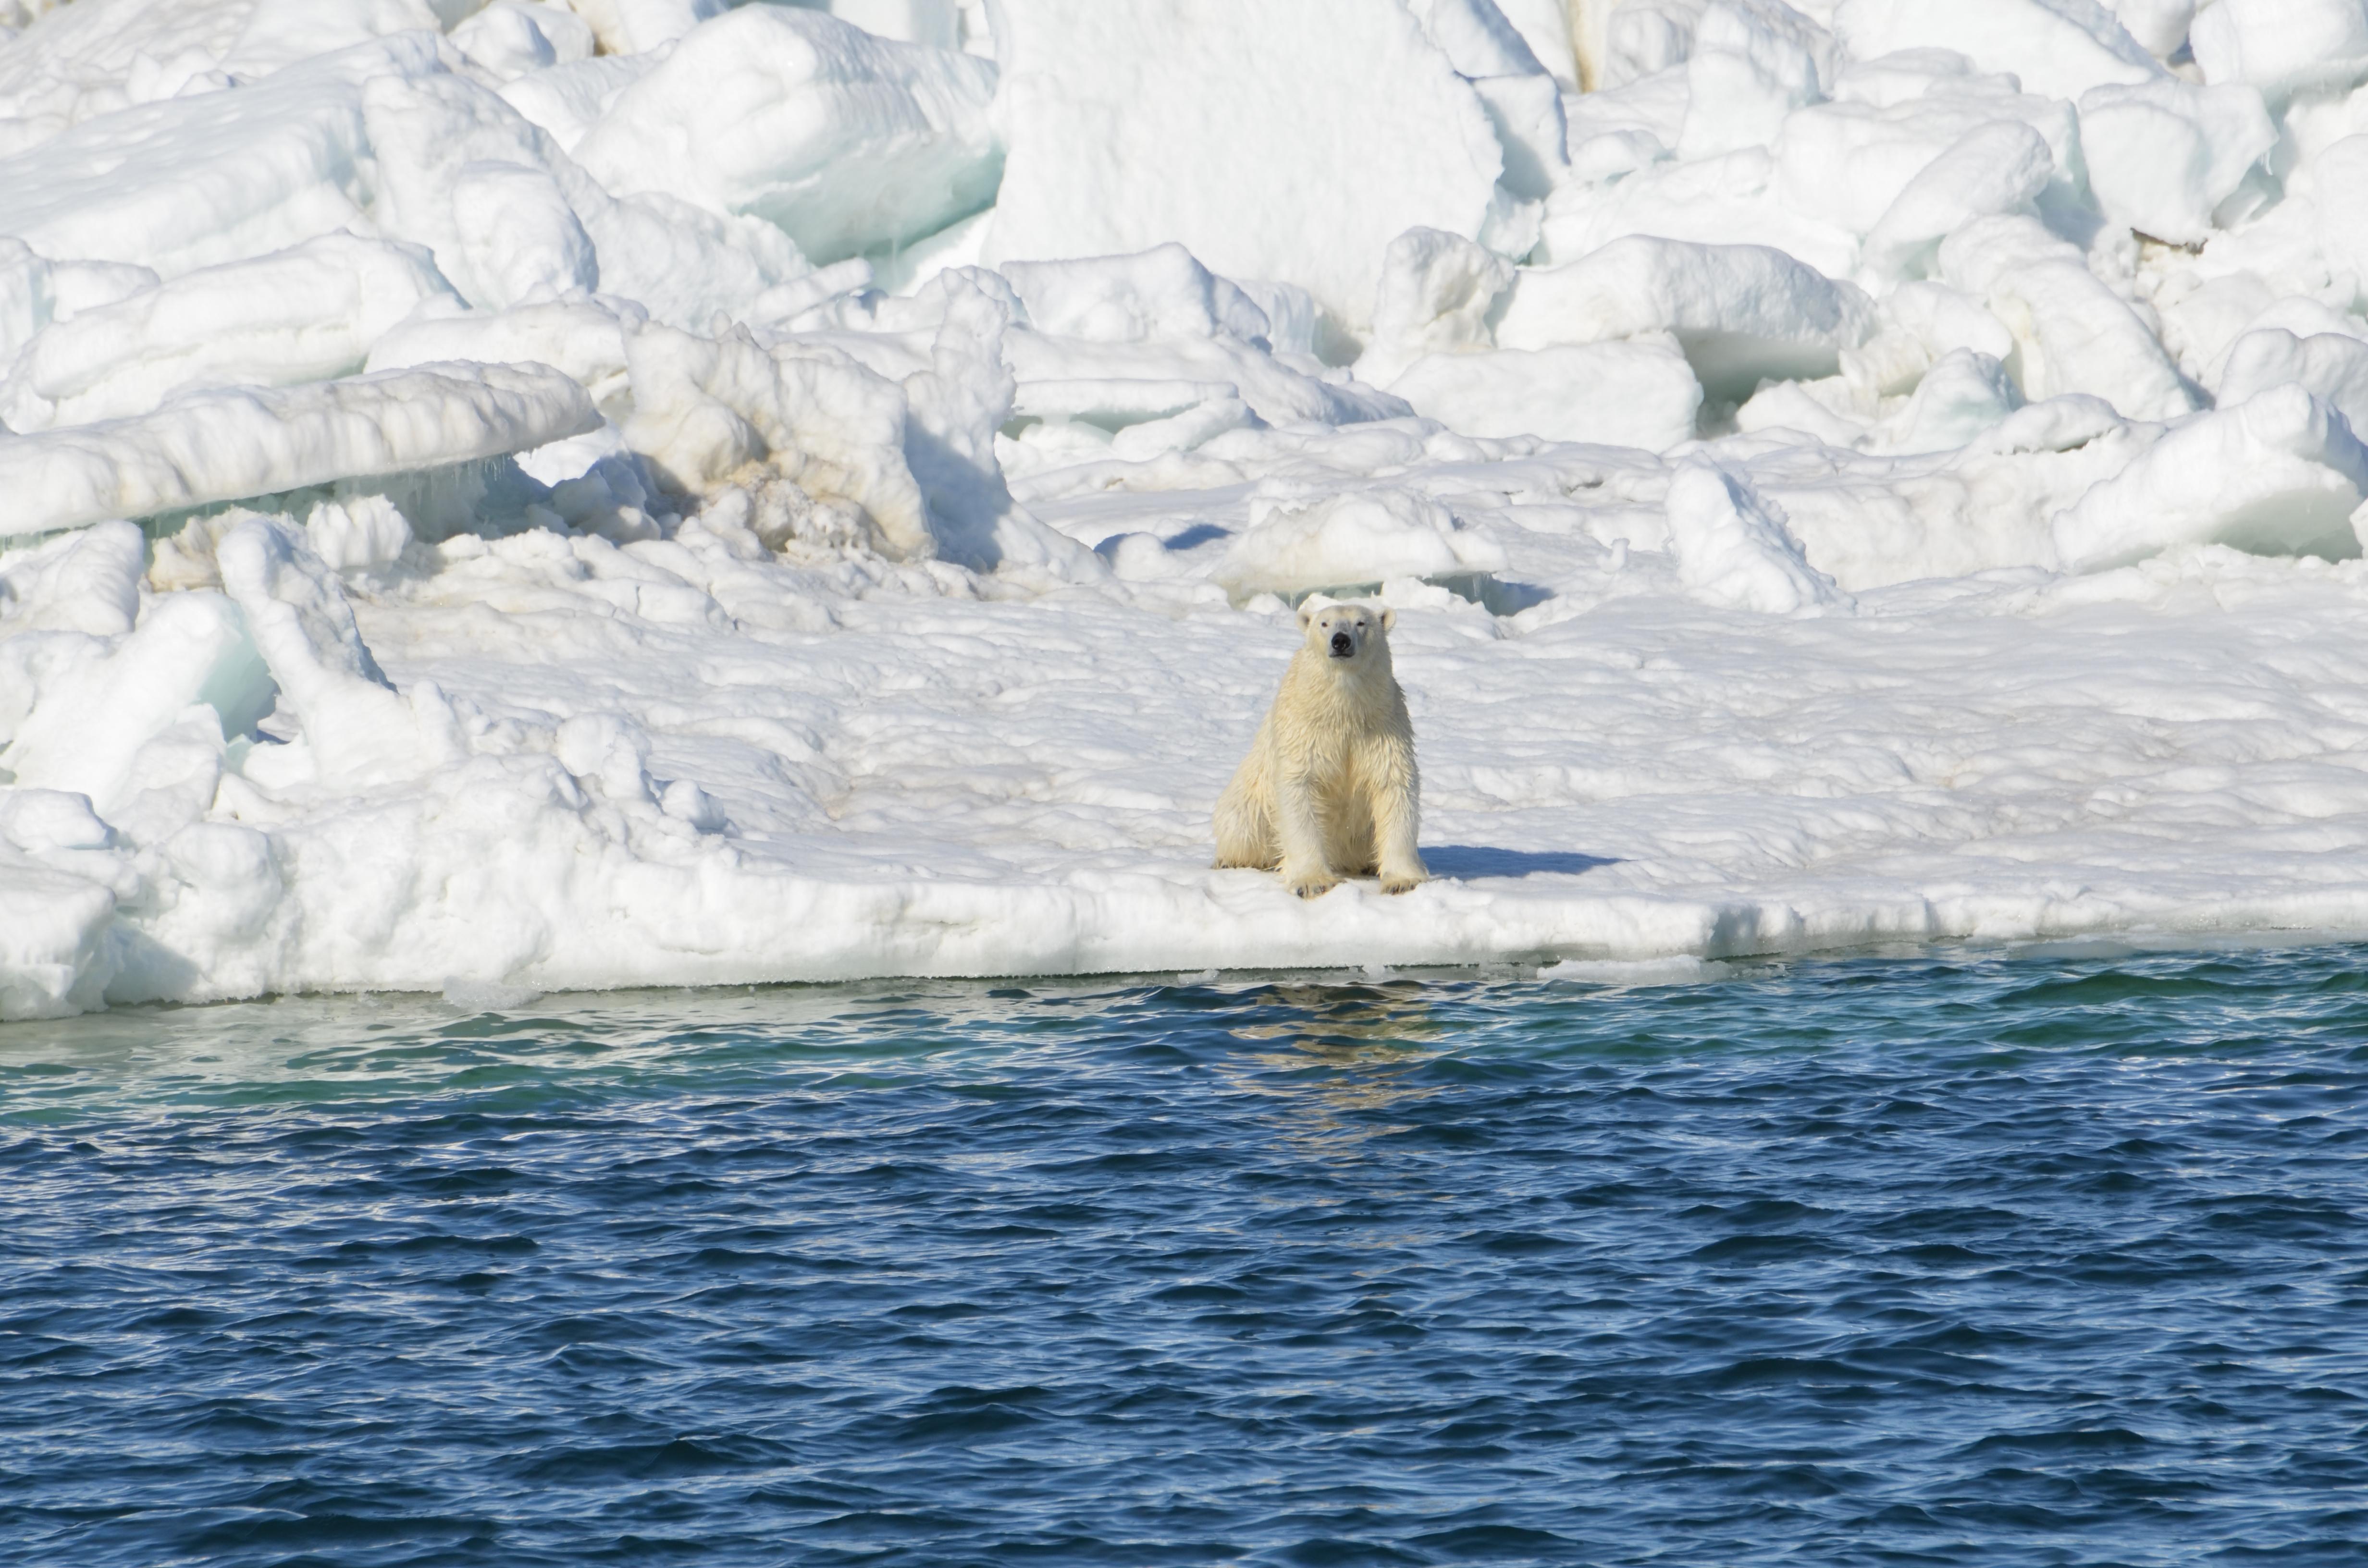 chukchi bear